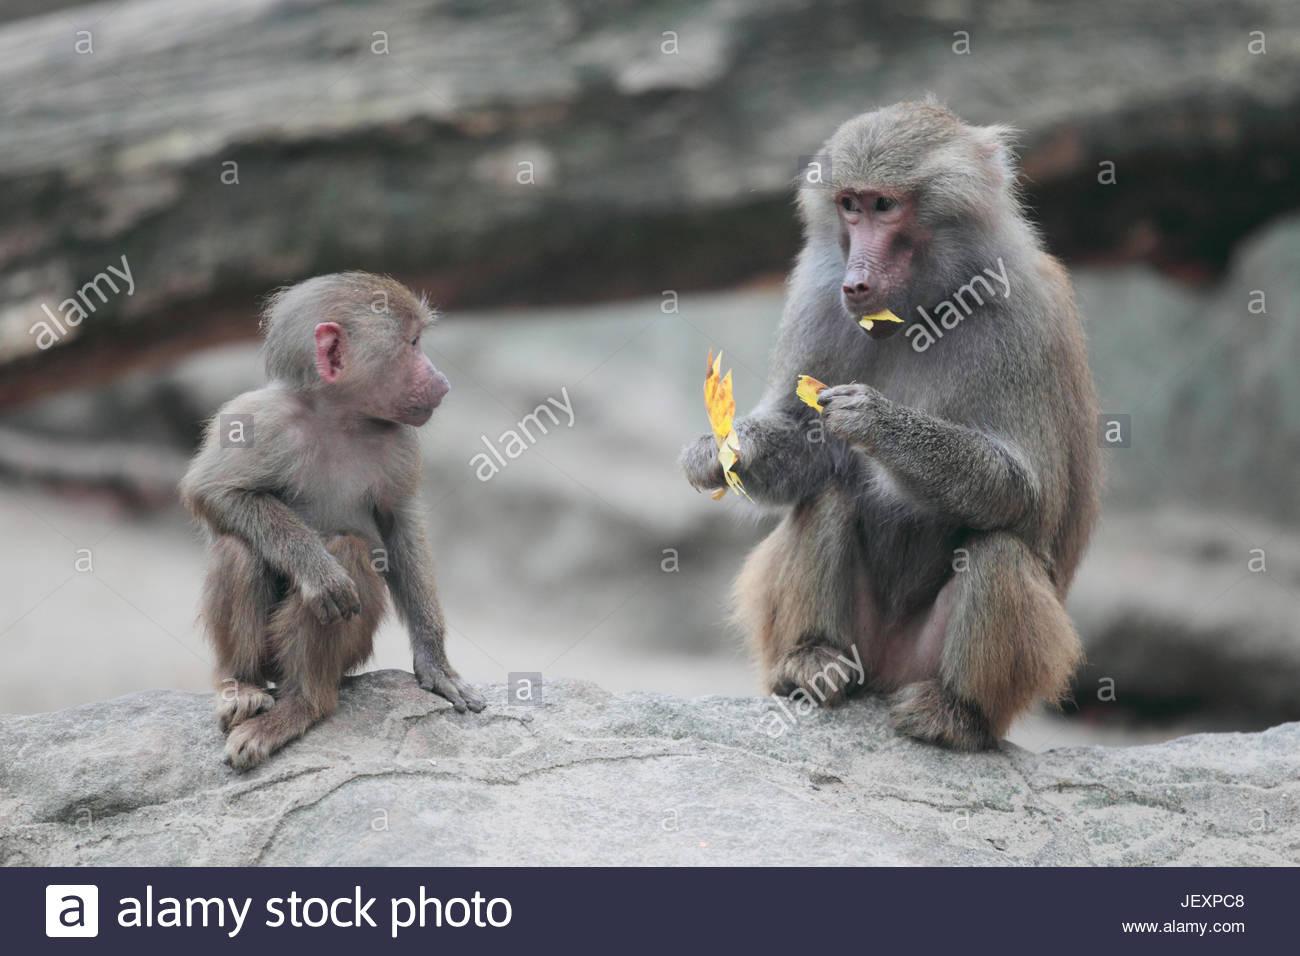 Ritratto di un giovane e adulto hamadryas o paura di babbuino, Papio hamadryas, una specie di babbuino dalla scimmia Immagini Stock